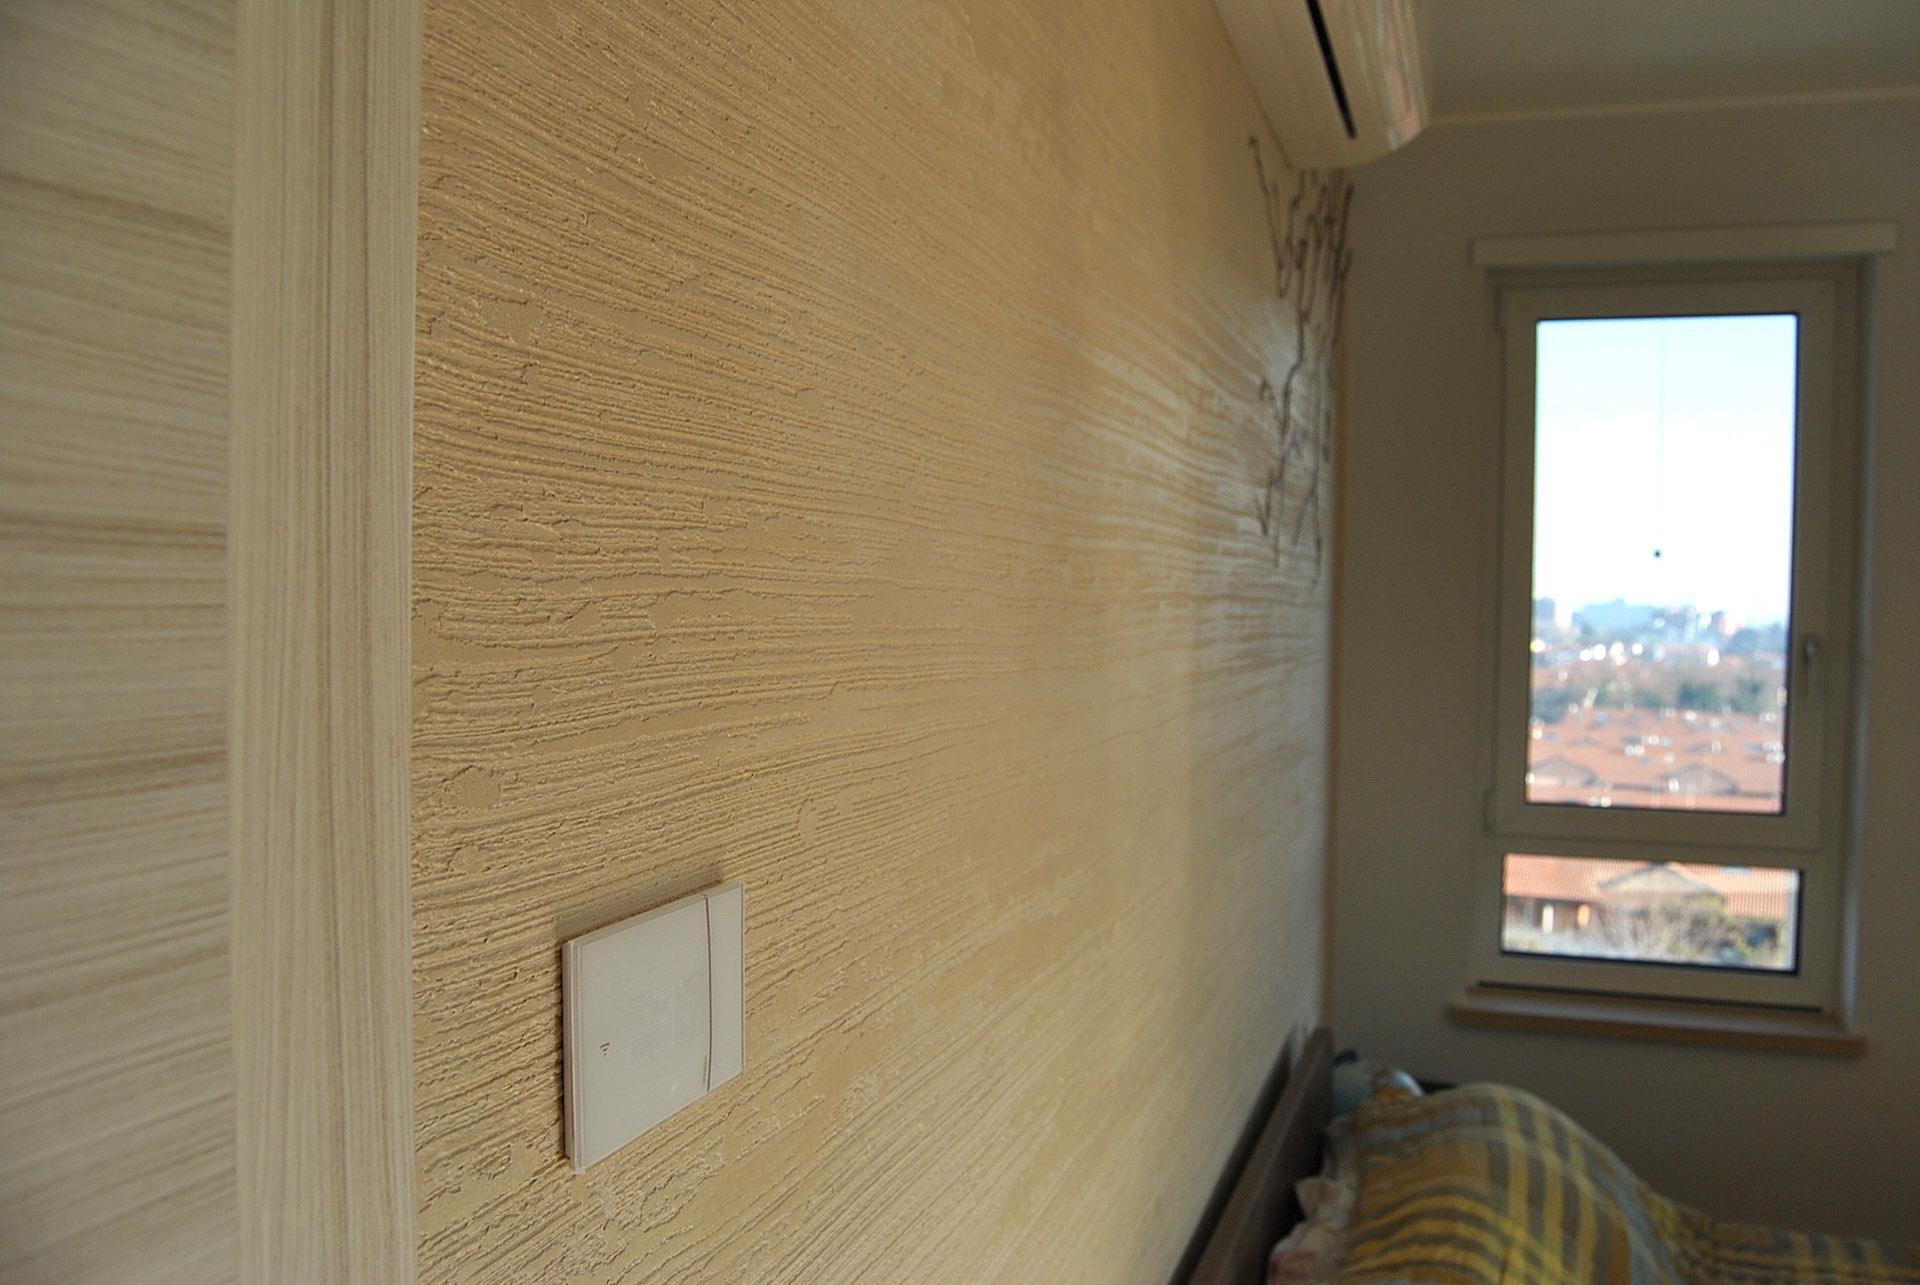 Muro naturale rivestimento decorativo per interni con polvere di mica - Rivestimento decorativo pareti ...